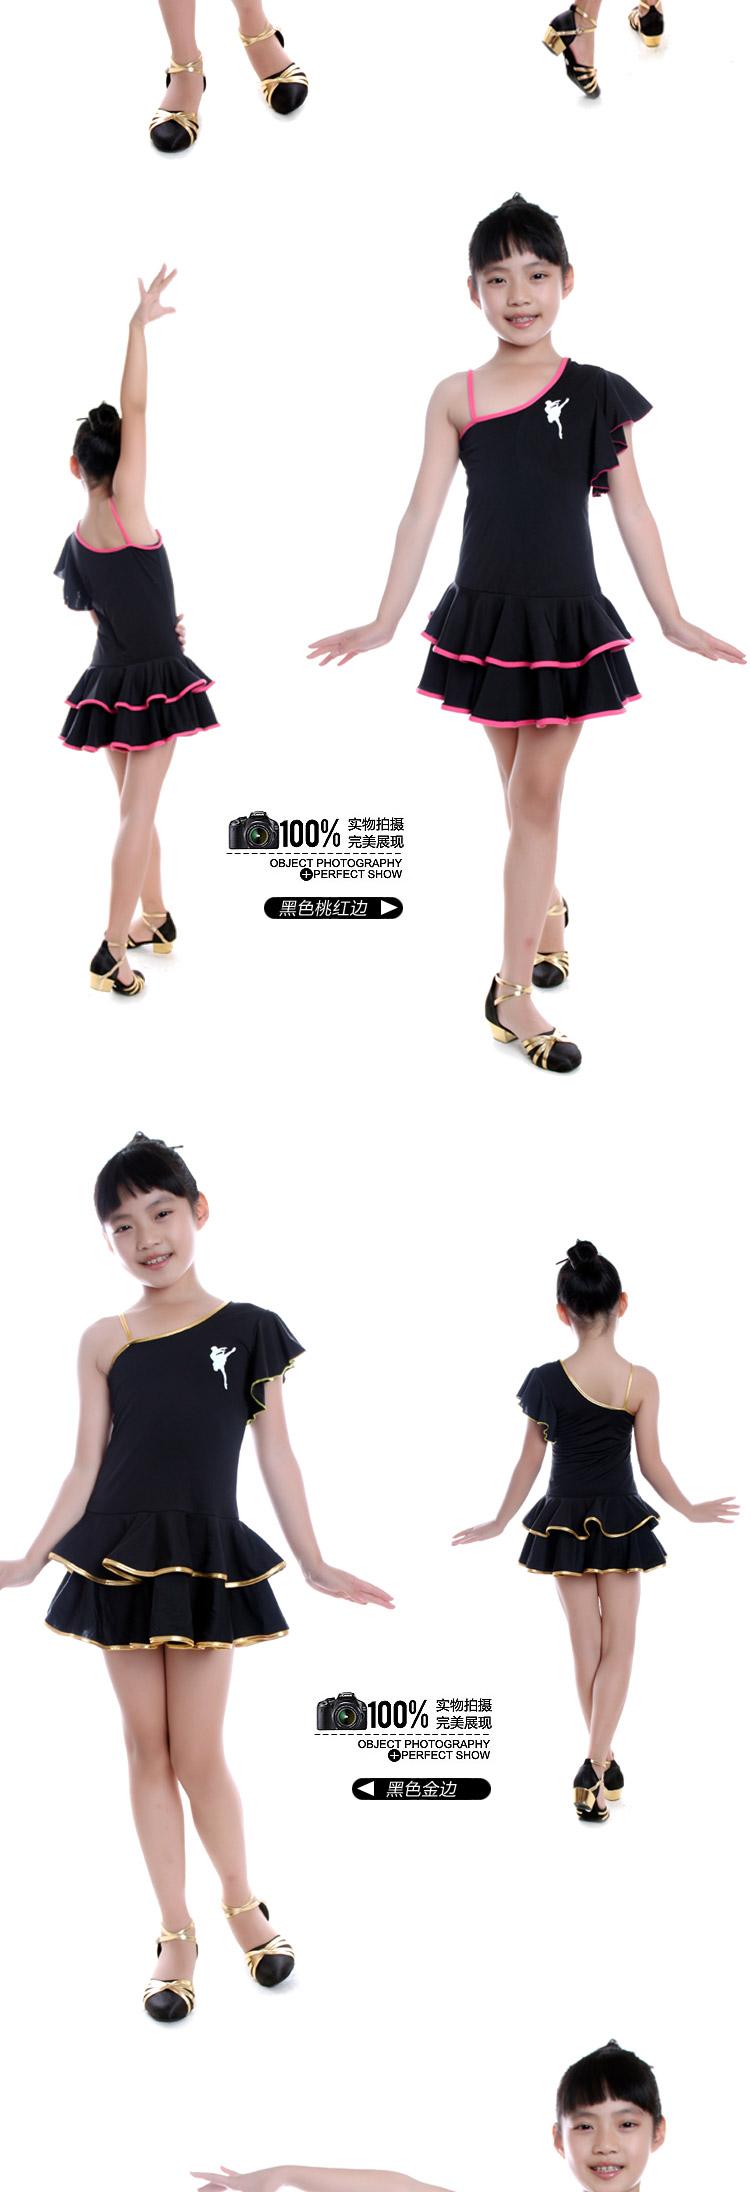 Танец самба костюм латинский танец платье для детей Латинской танец купальник бальных танцев платье s